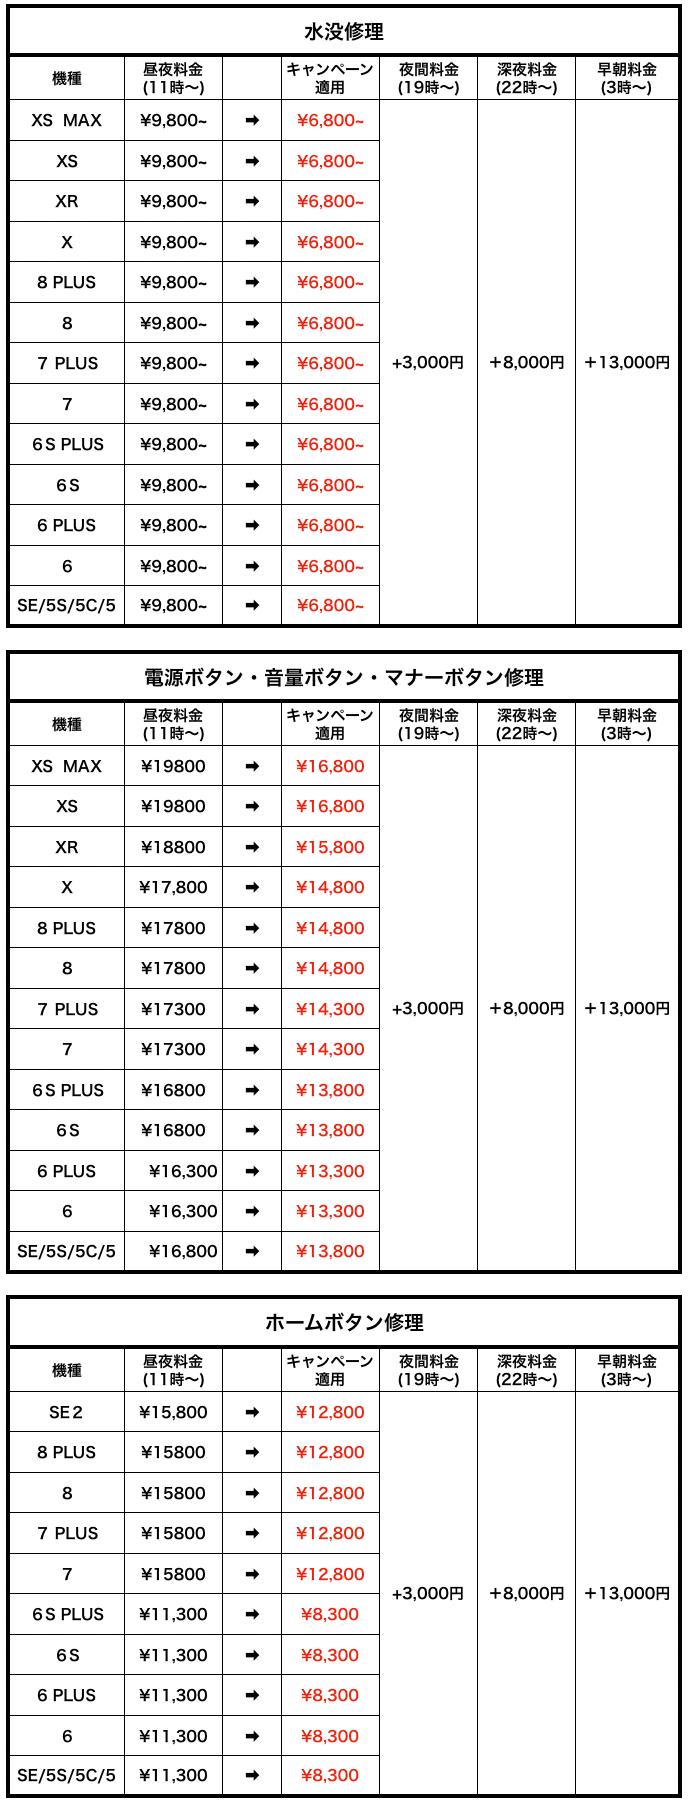 スクリーンショット 2020-10-28 12.42.01.png